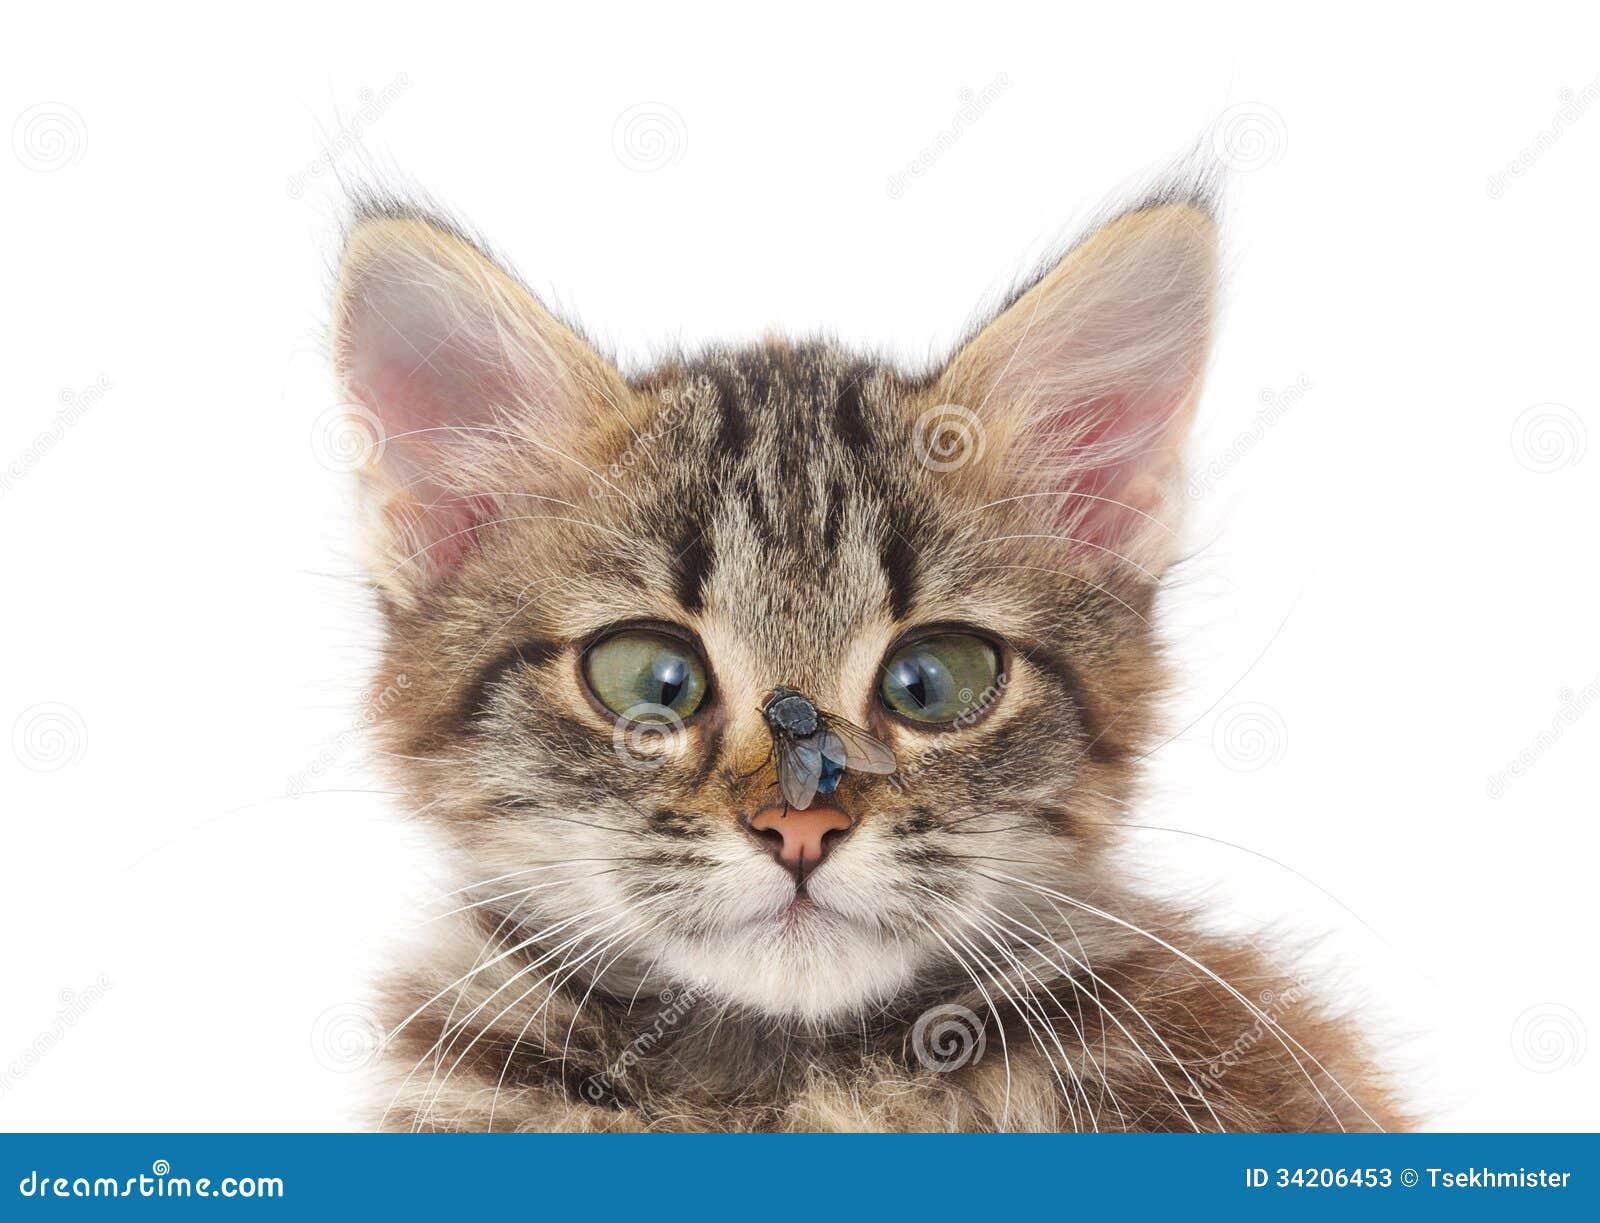 Фото кота с мухой